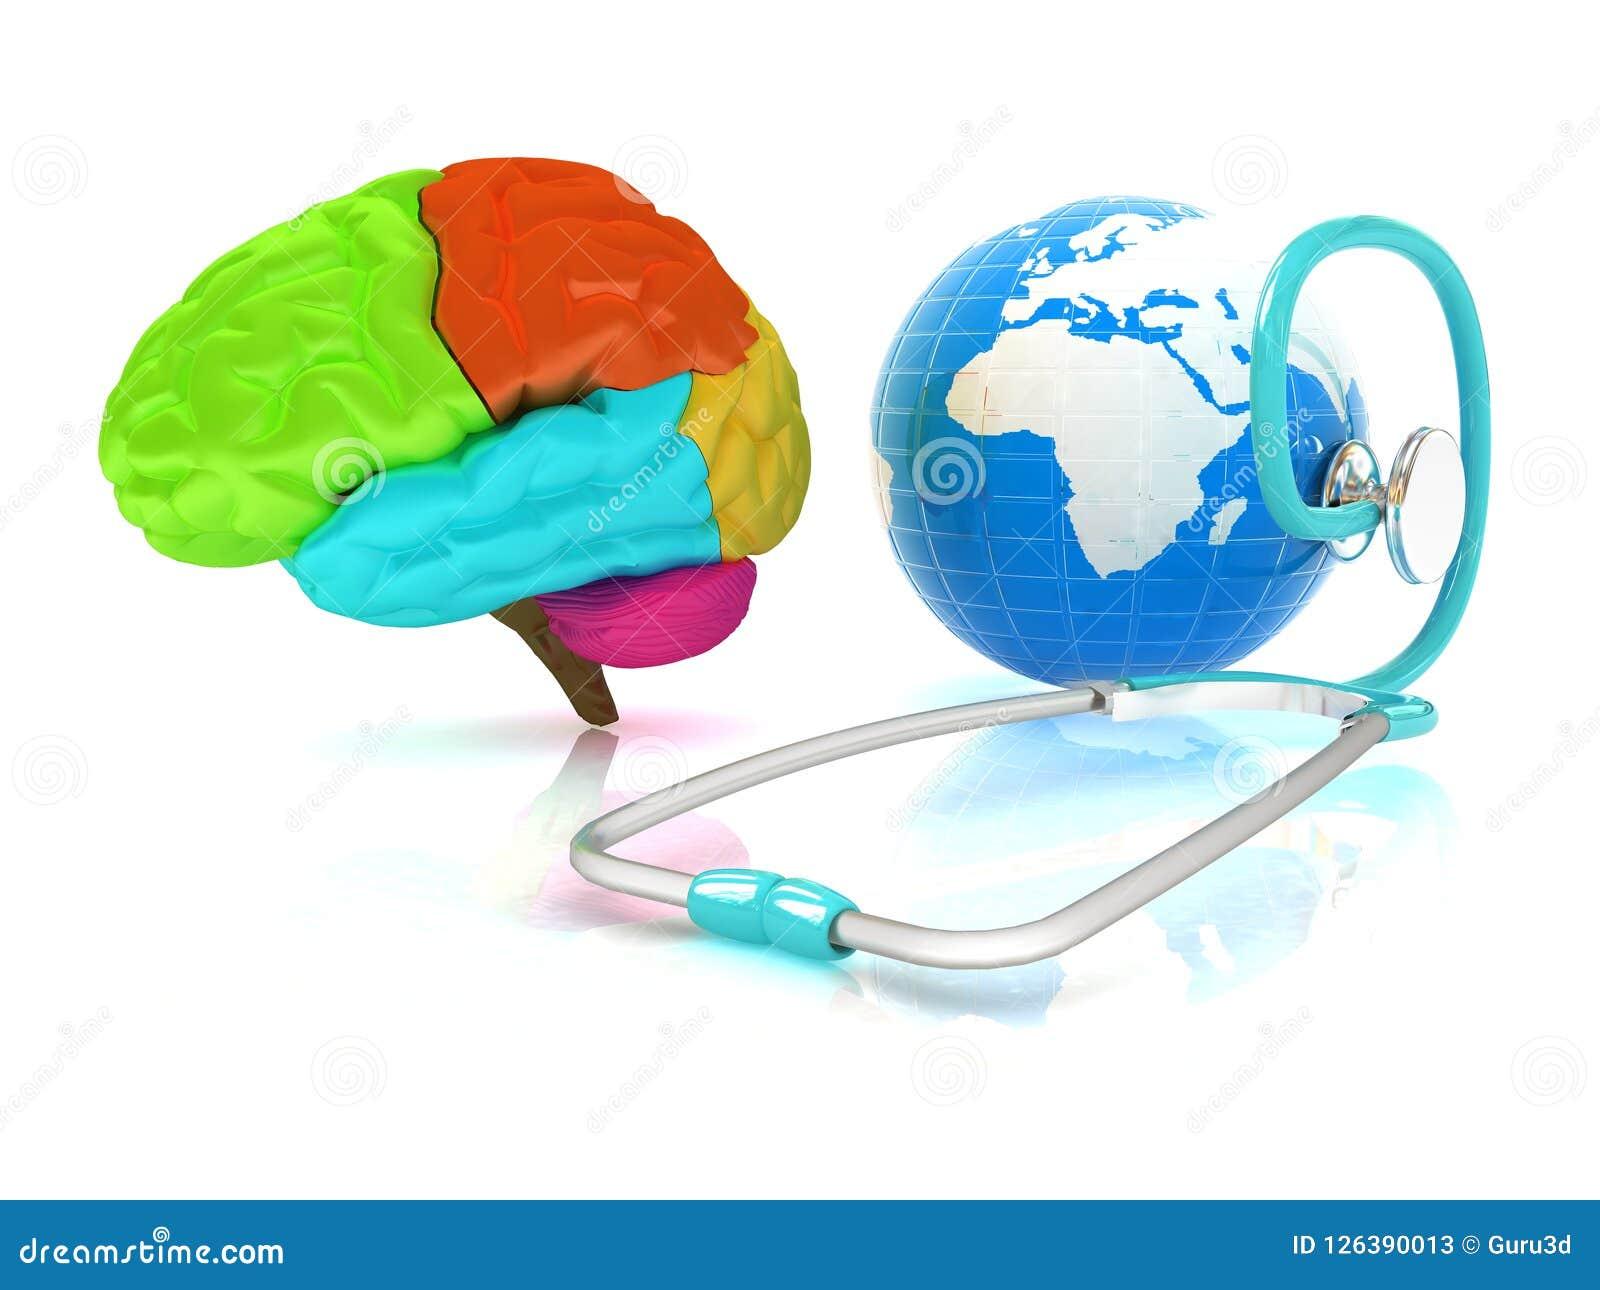 Стетоскоп, глобус, мозг - глобальная медицинская концепция